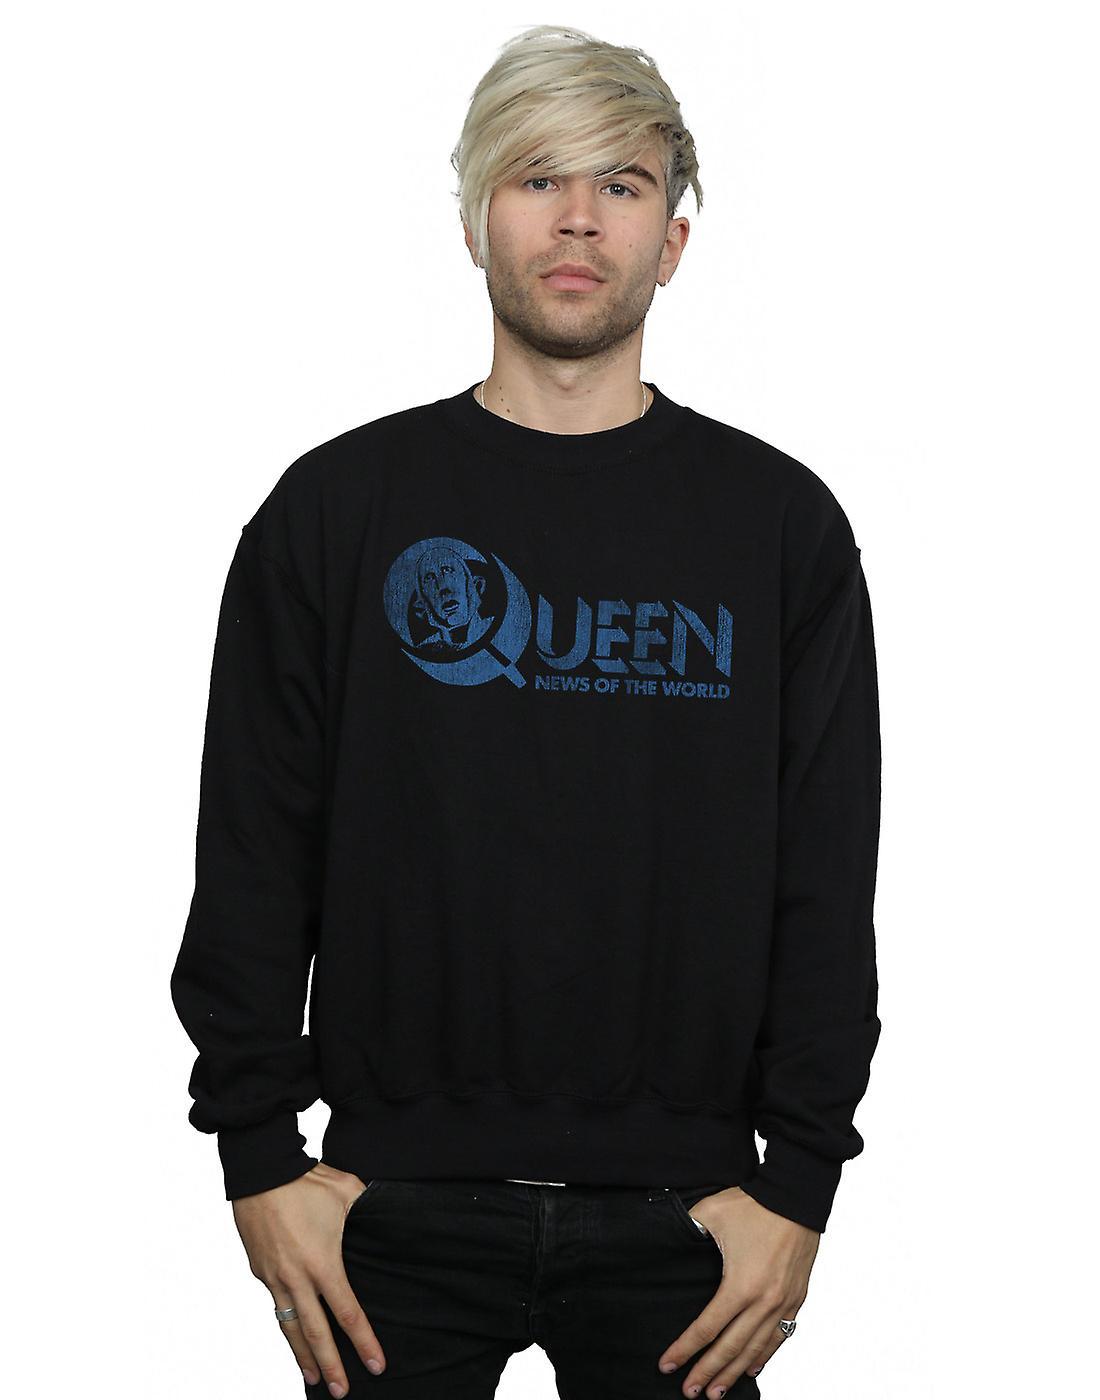 Queen Men's Distressed News Of The World Sweatshirt